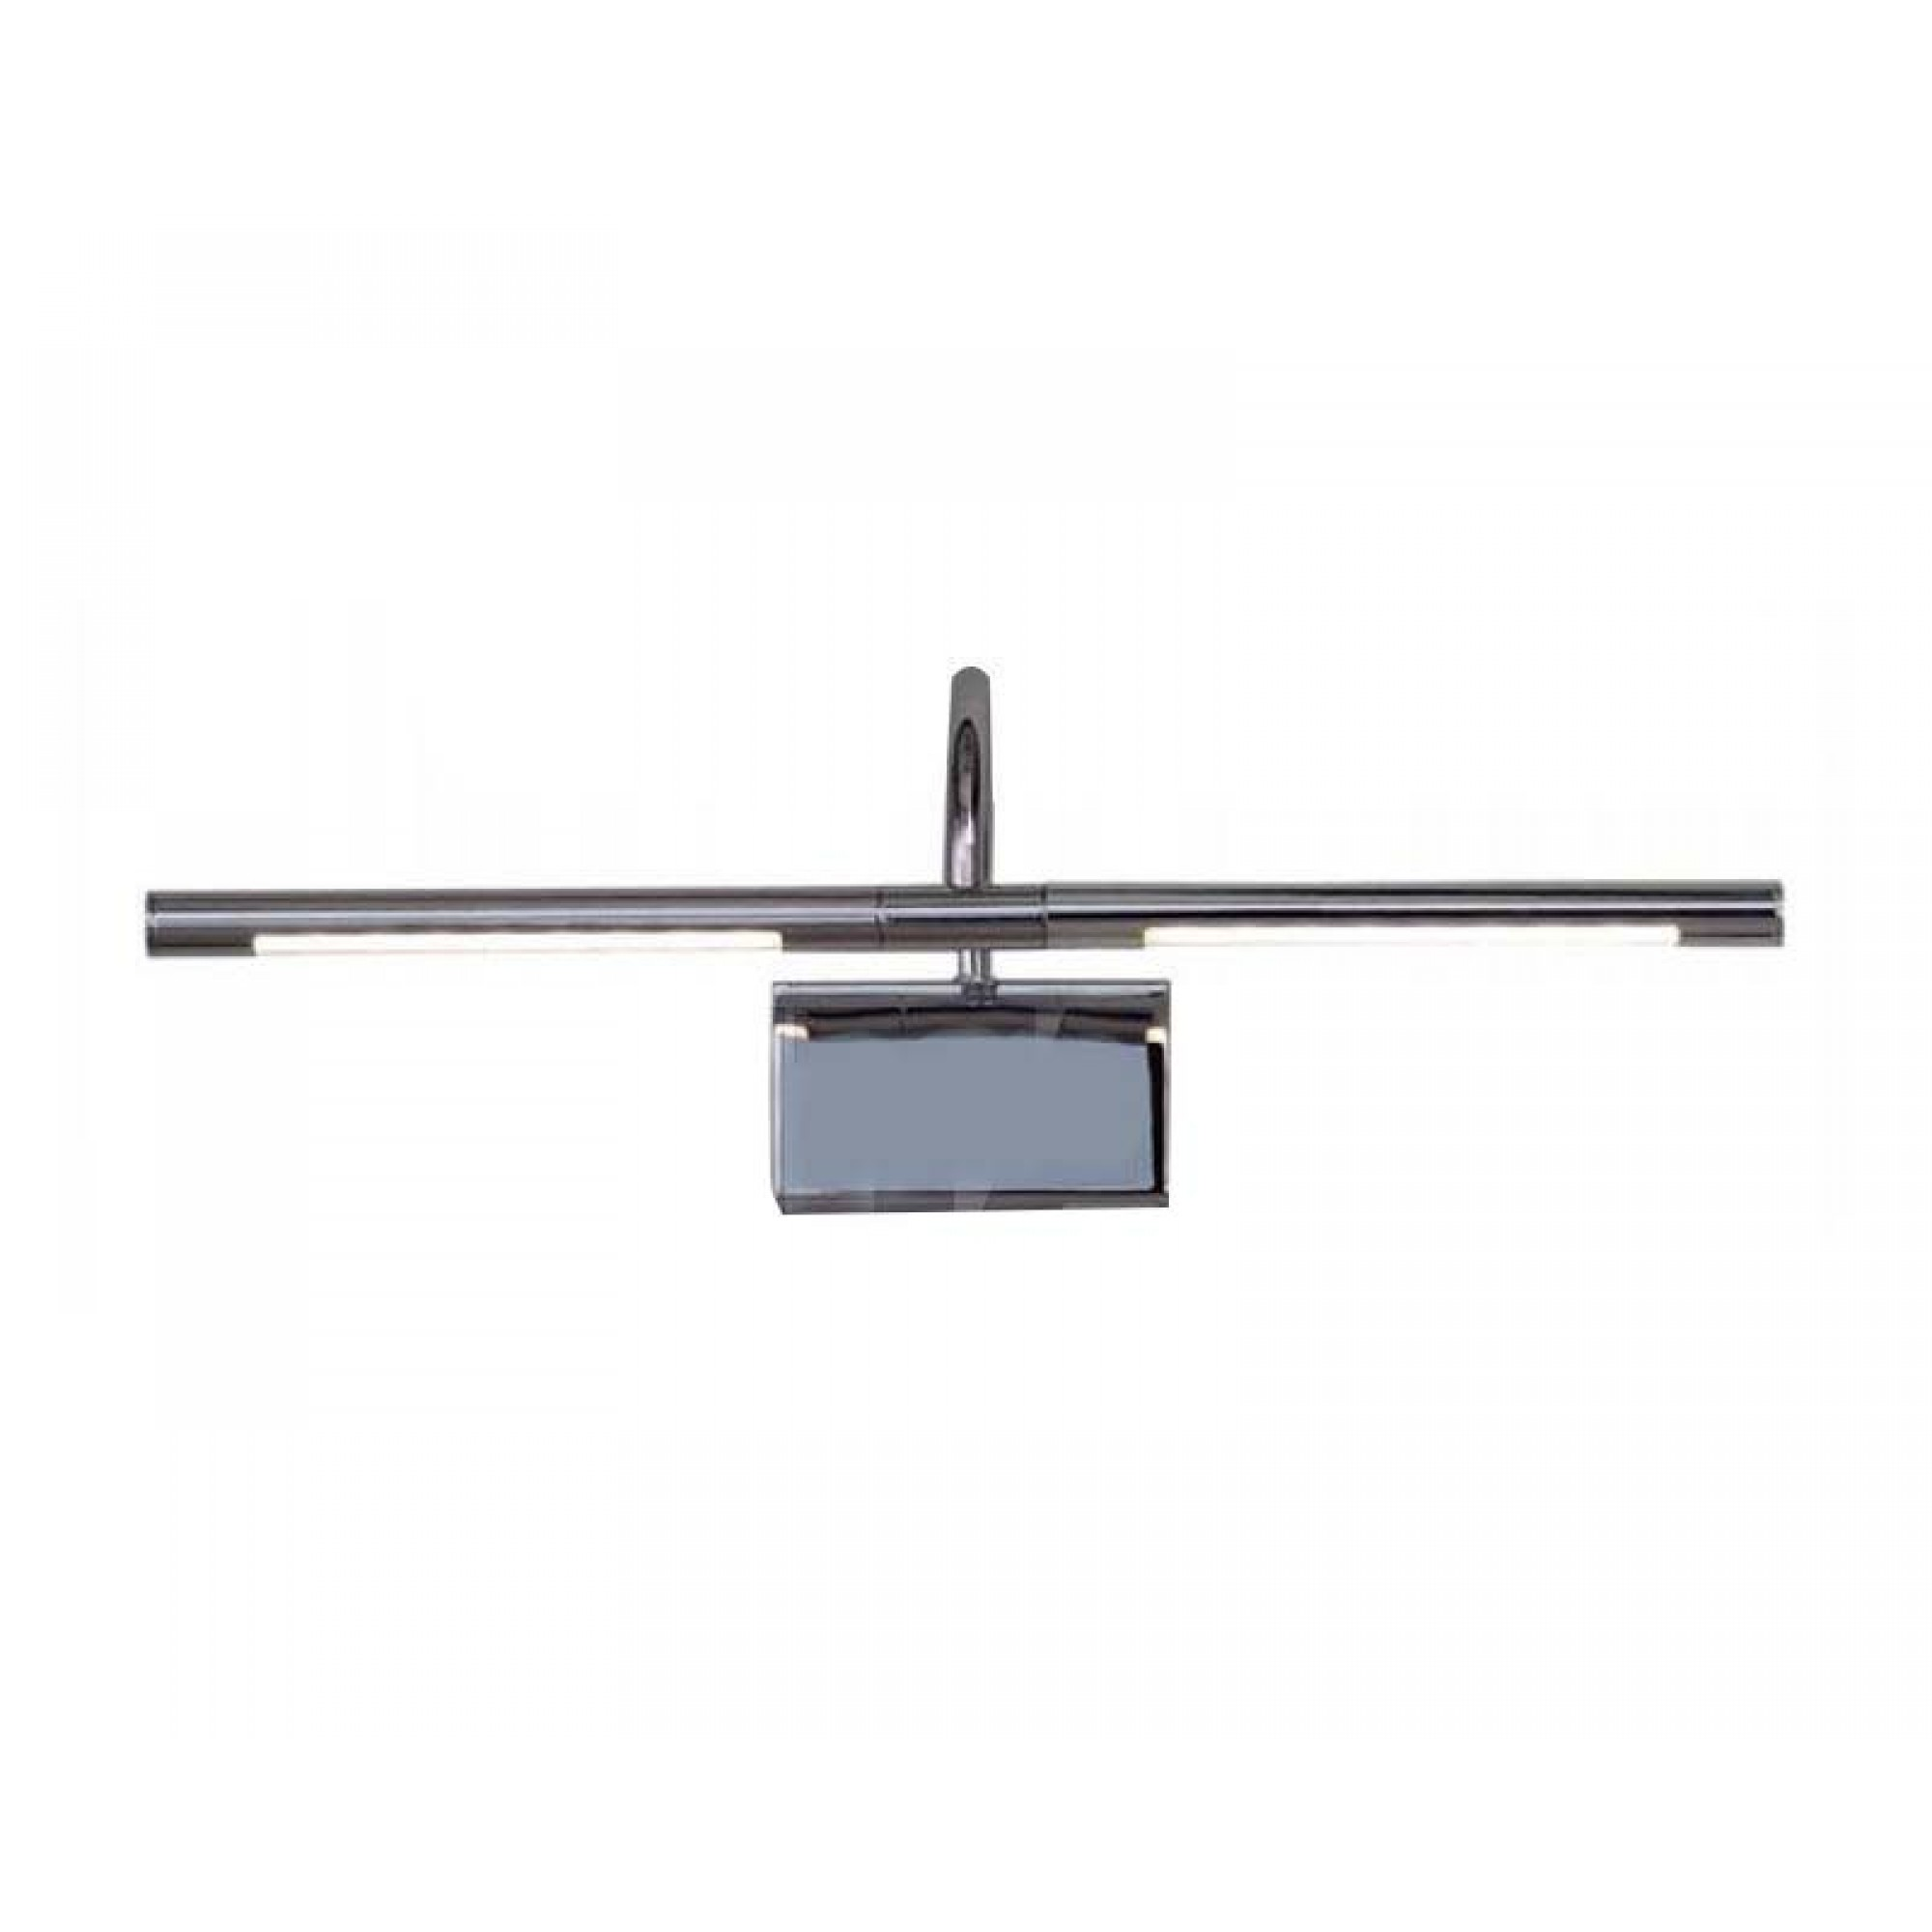 ADELI LED 2x3,3W 3200K 12x60cm - Modern -  A.C.B ILLUMUNATION